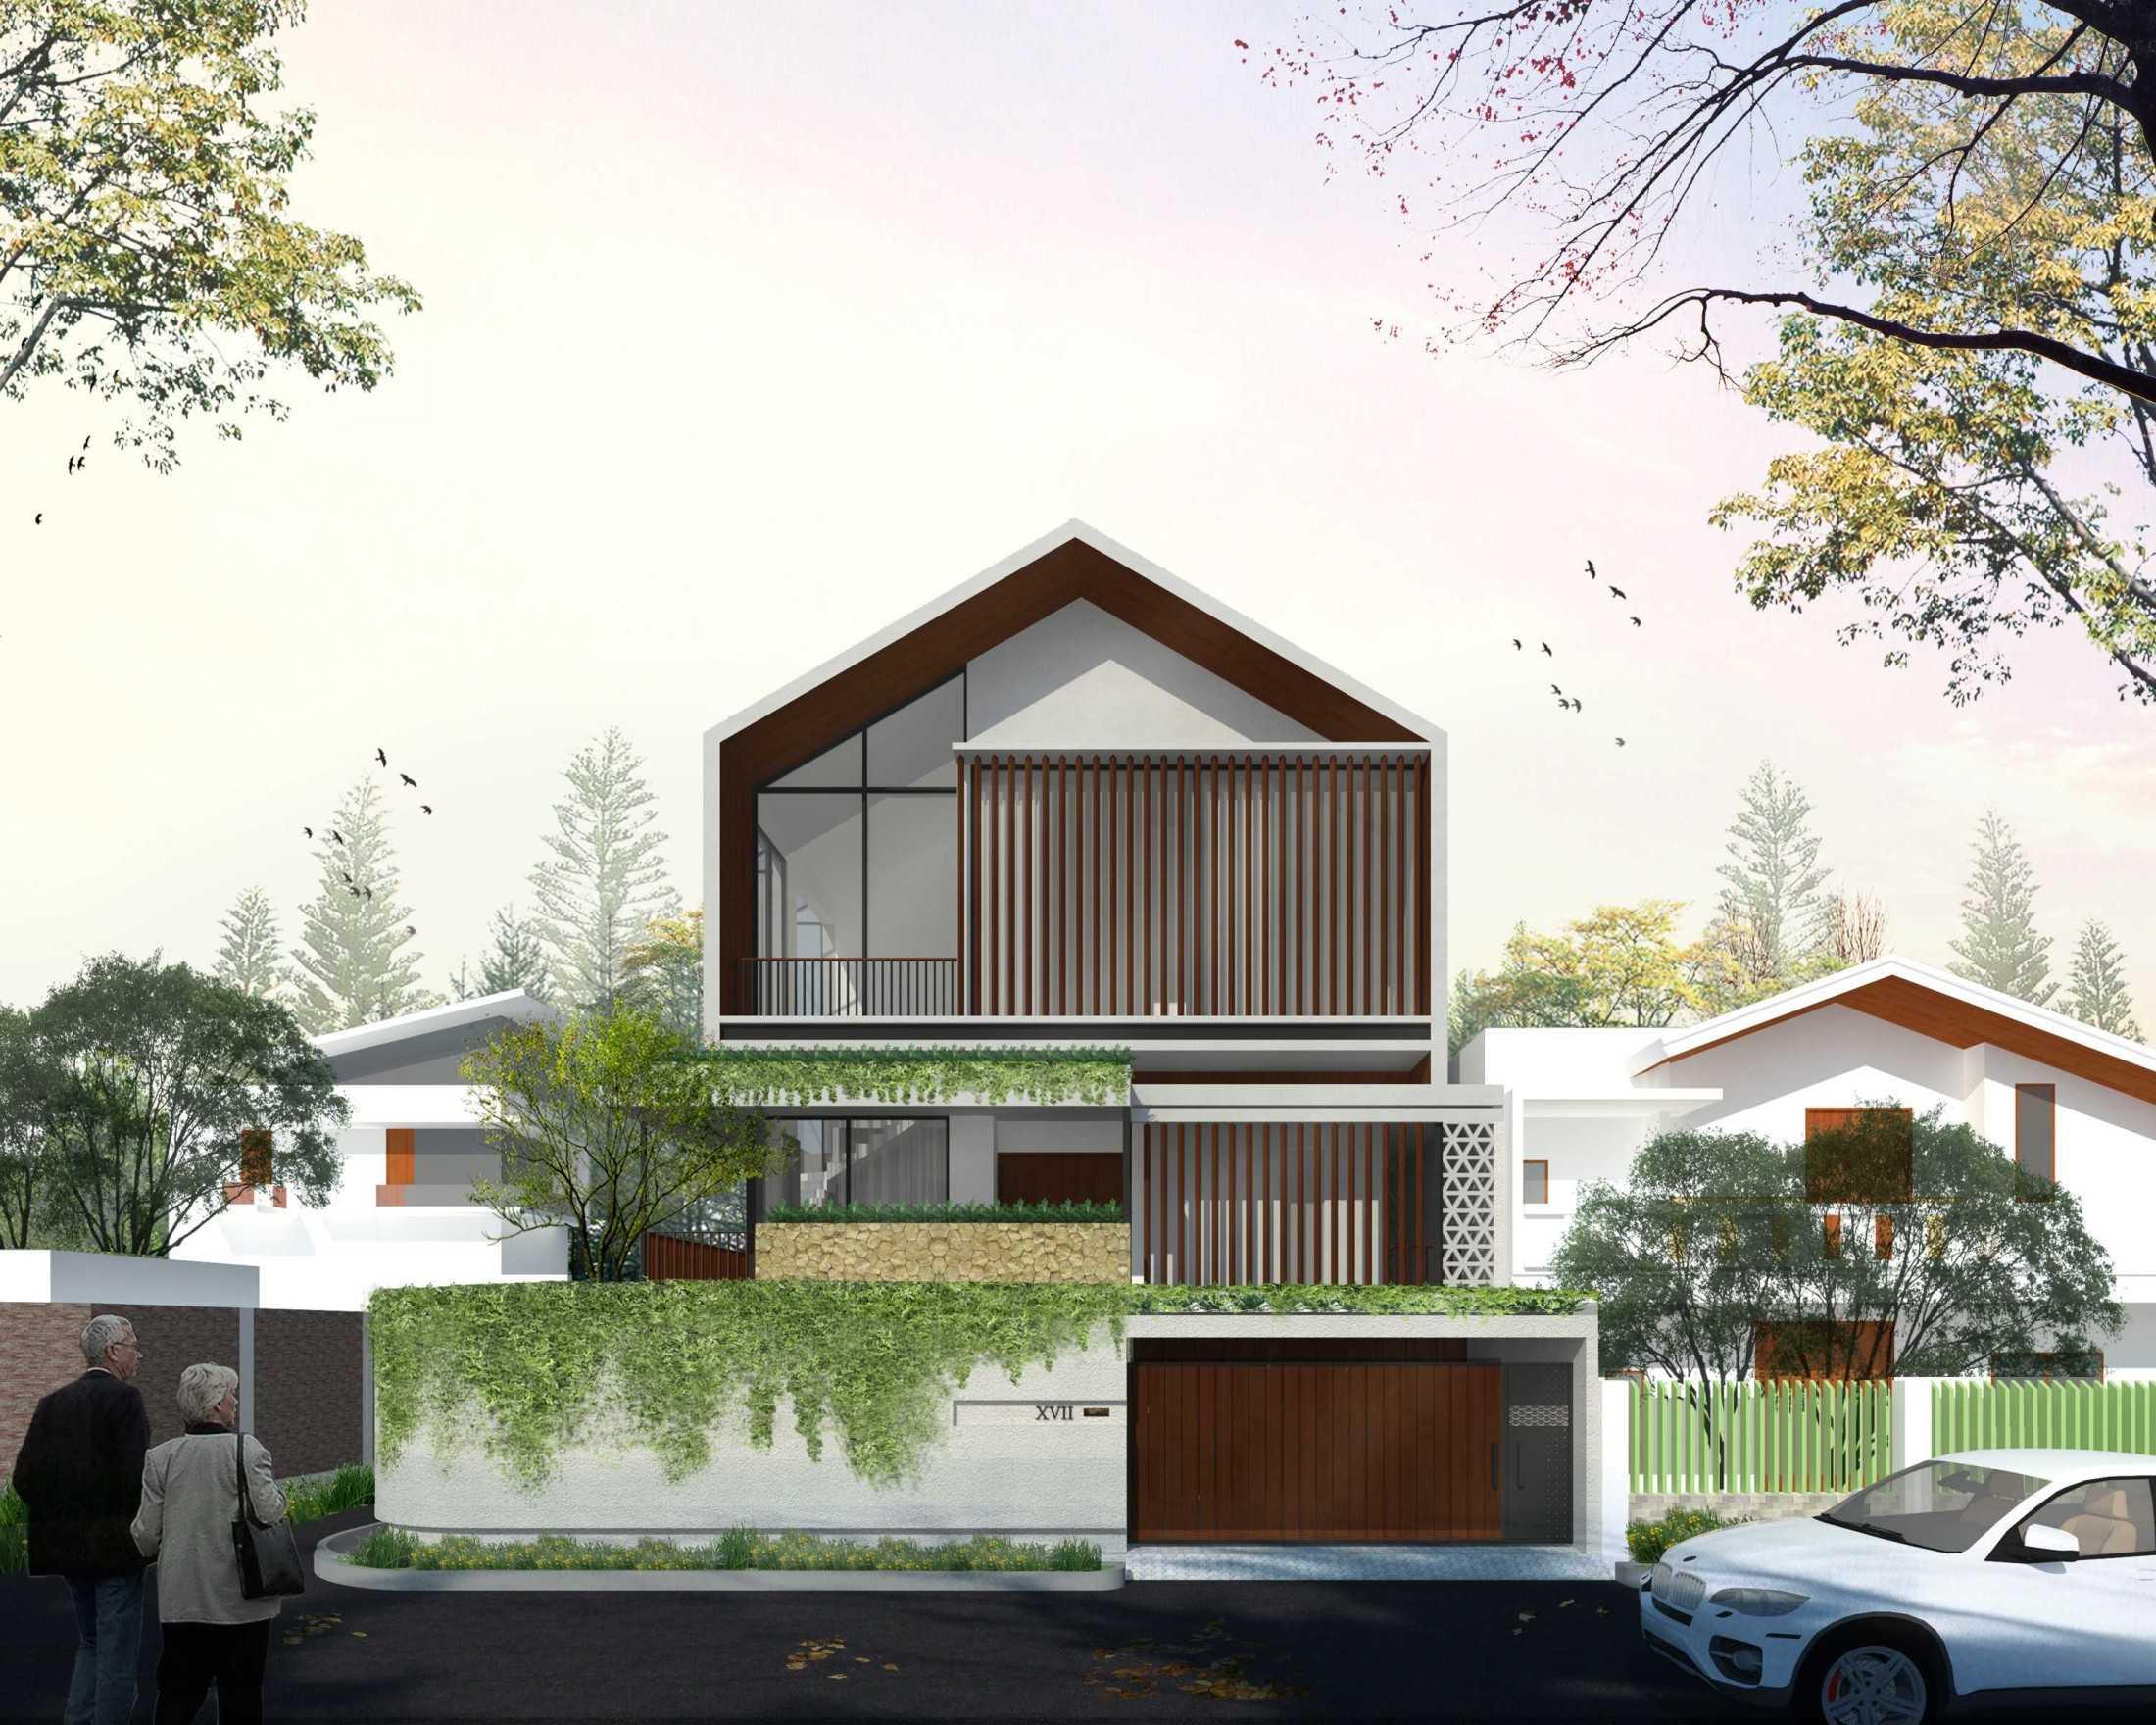 Jasa Arsitek Alima Studio di Surakarta